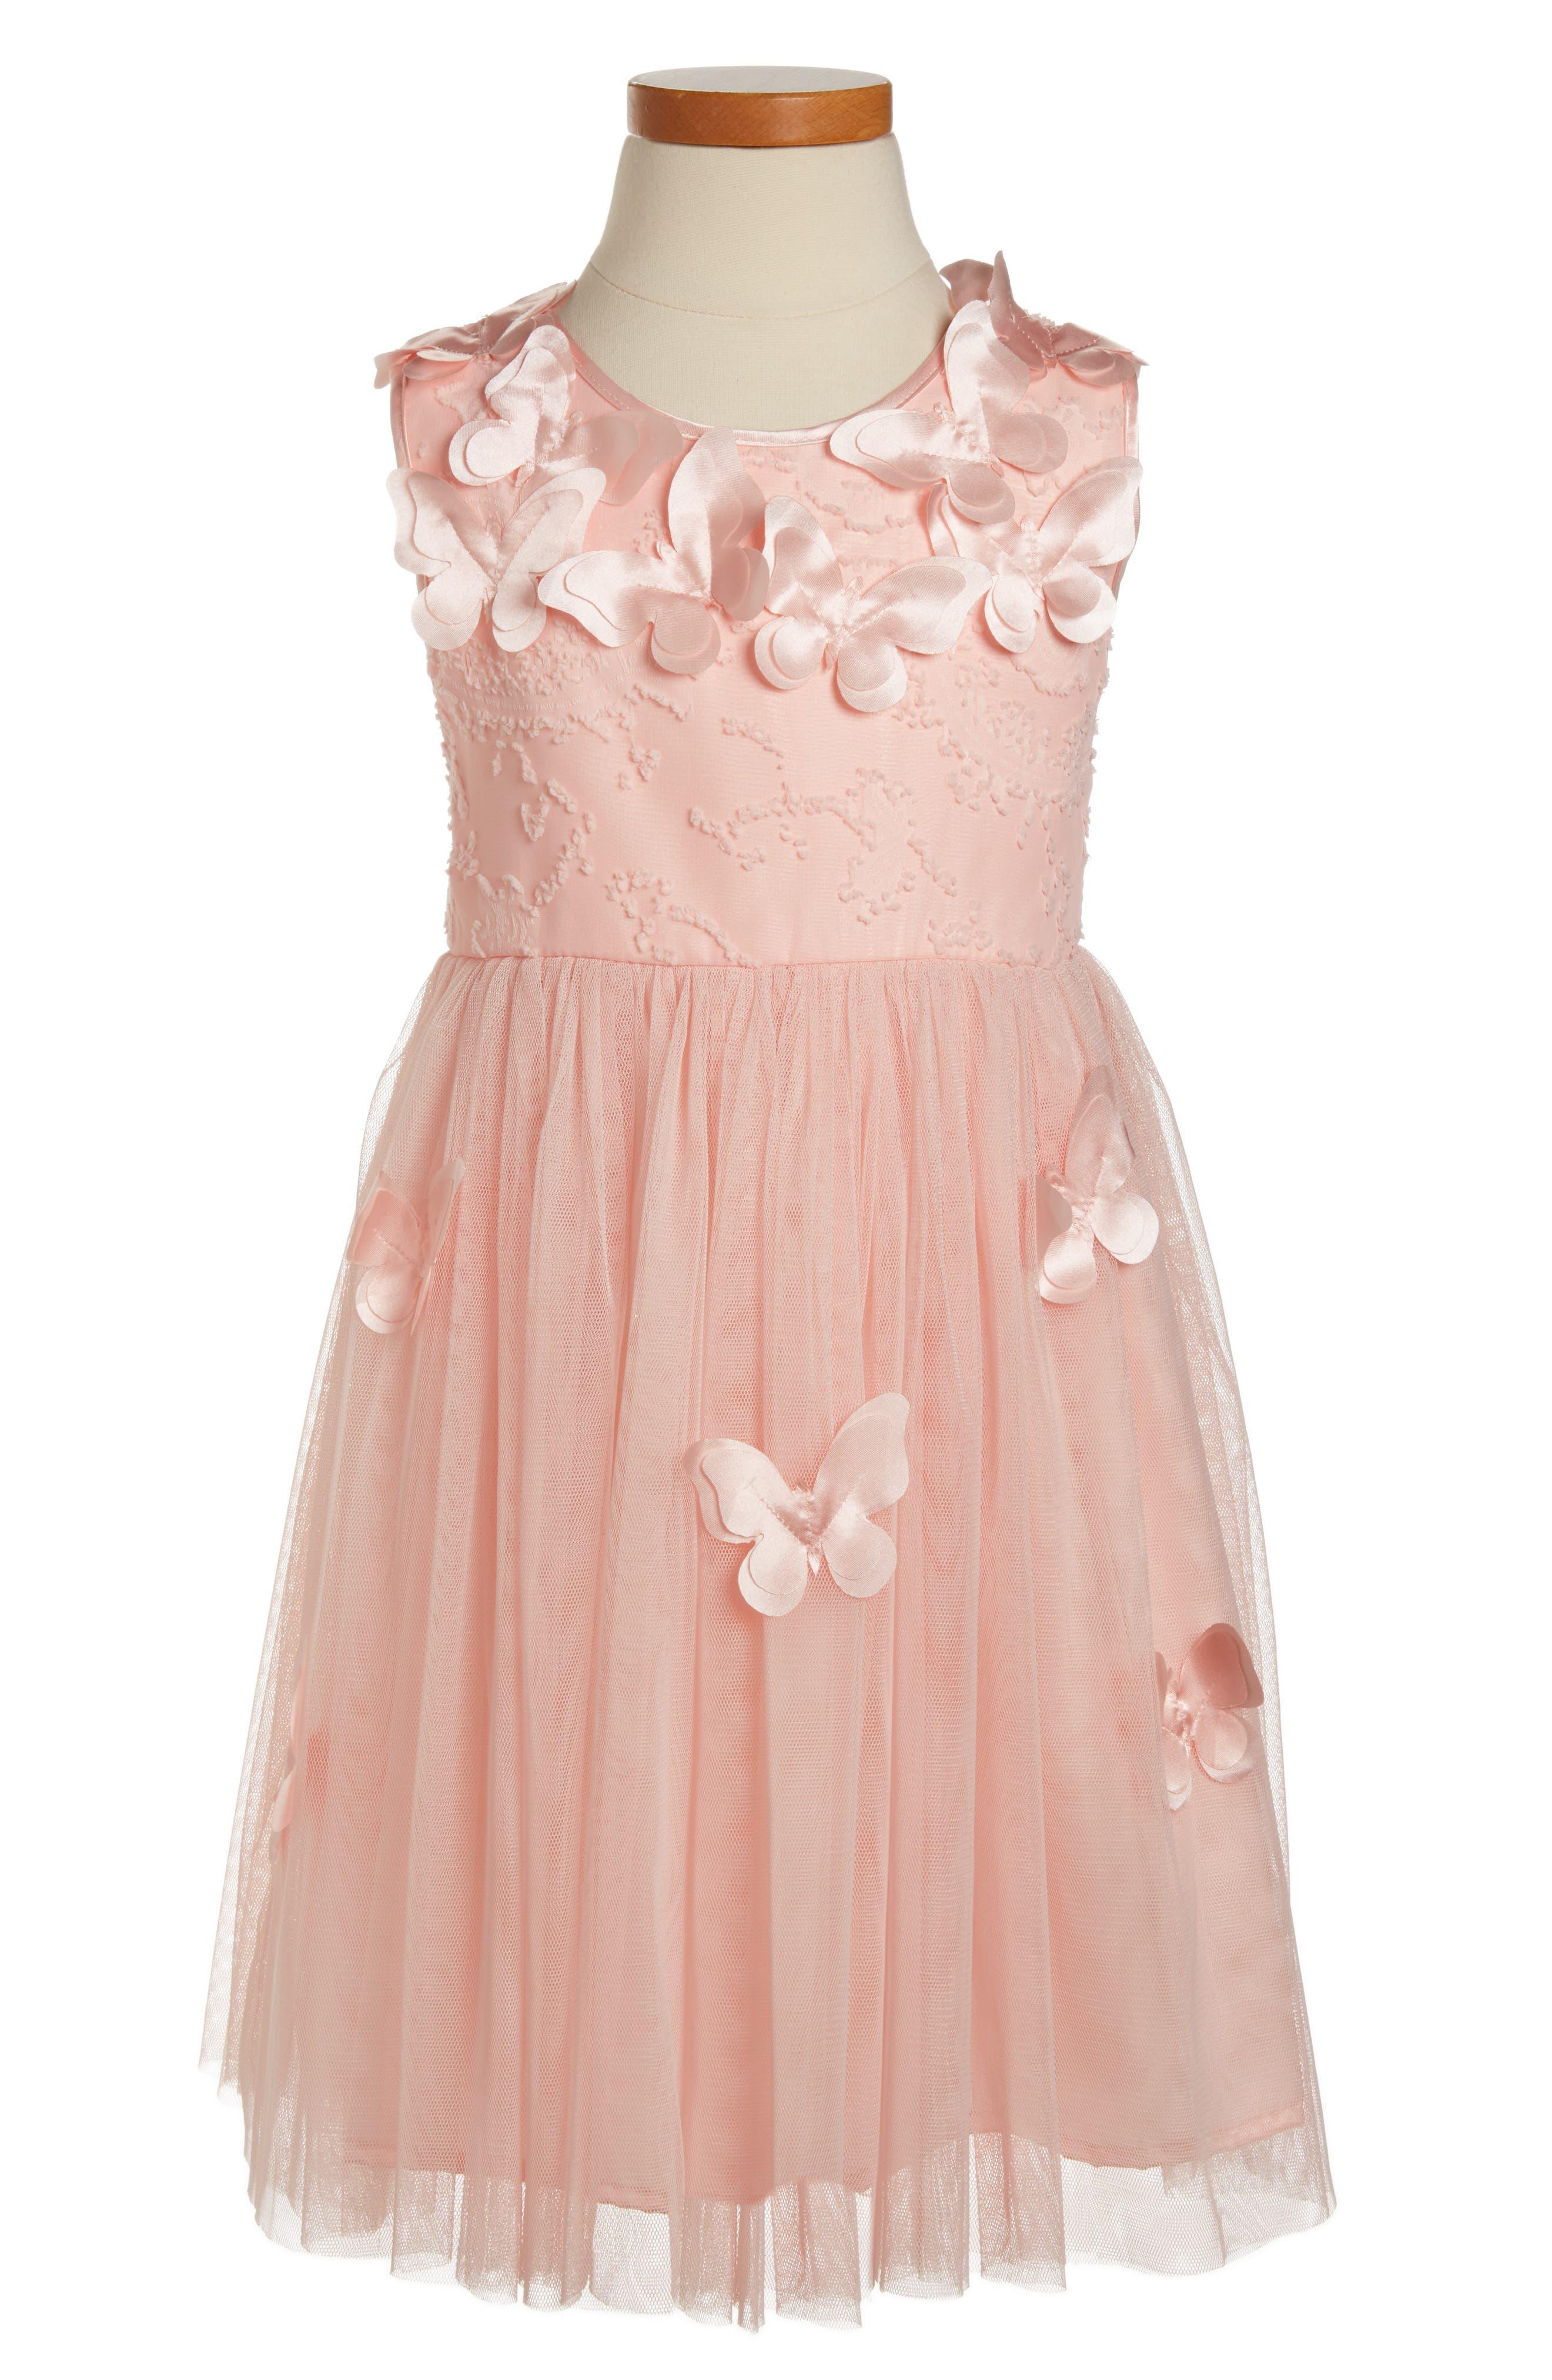 POPATU Butterfly Dress